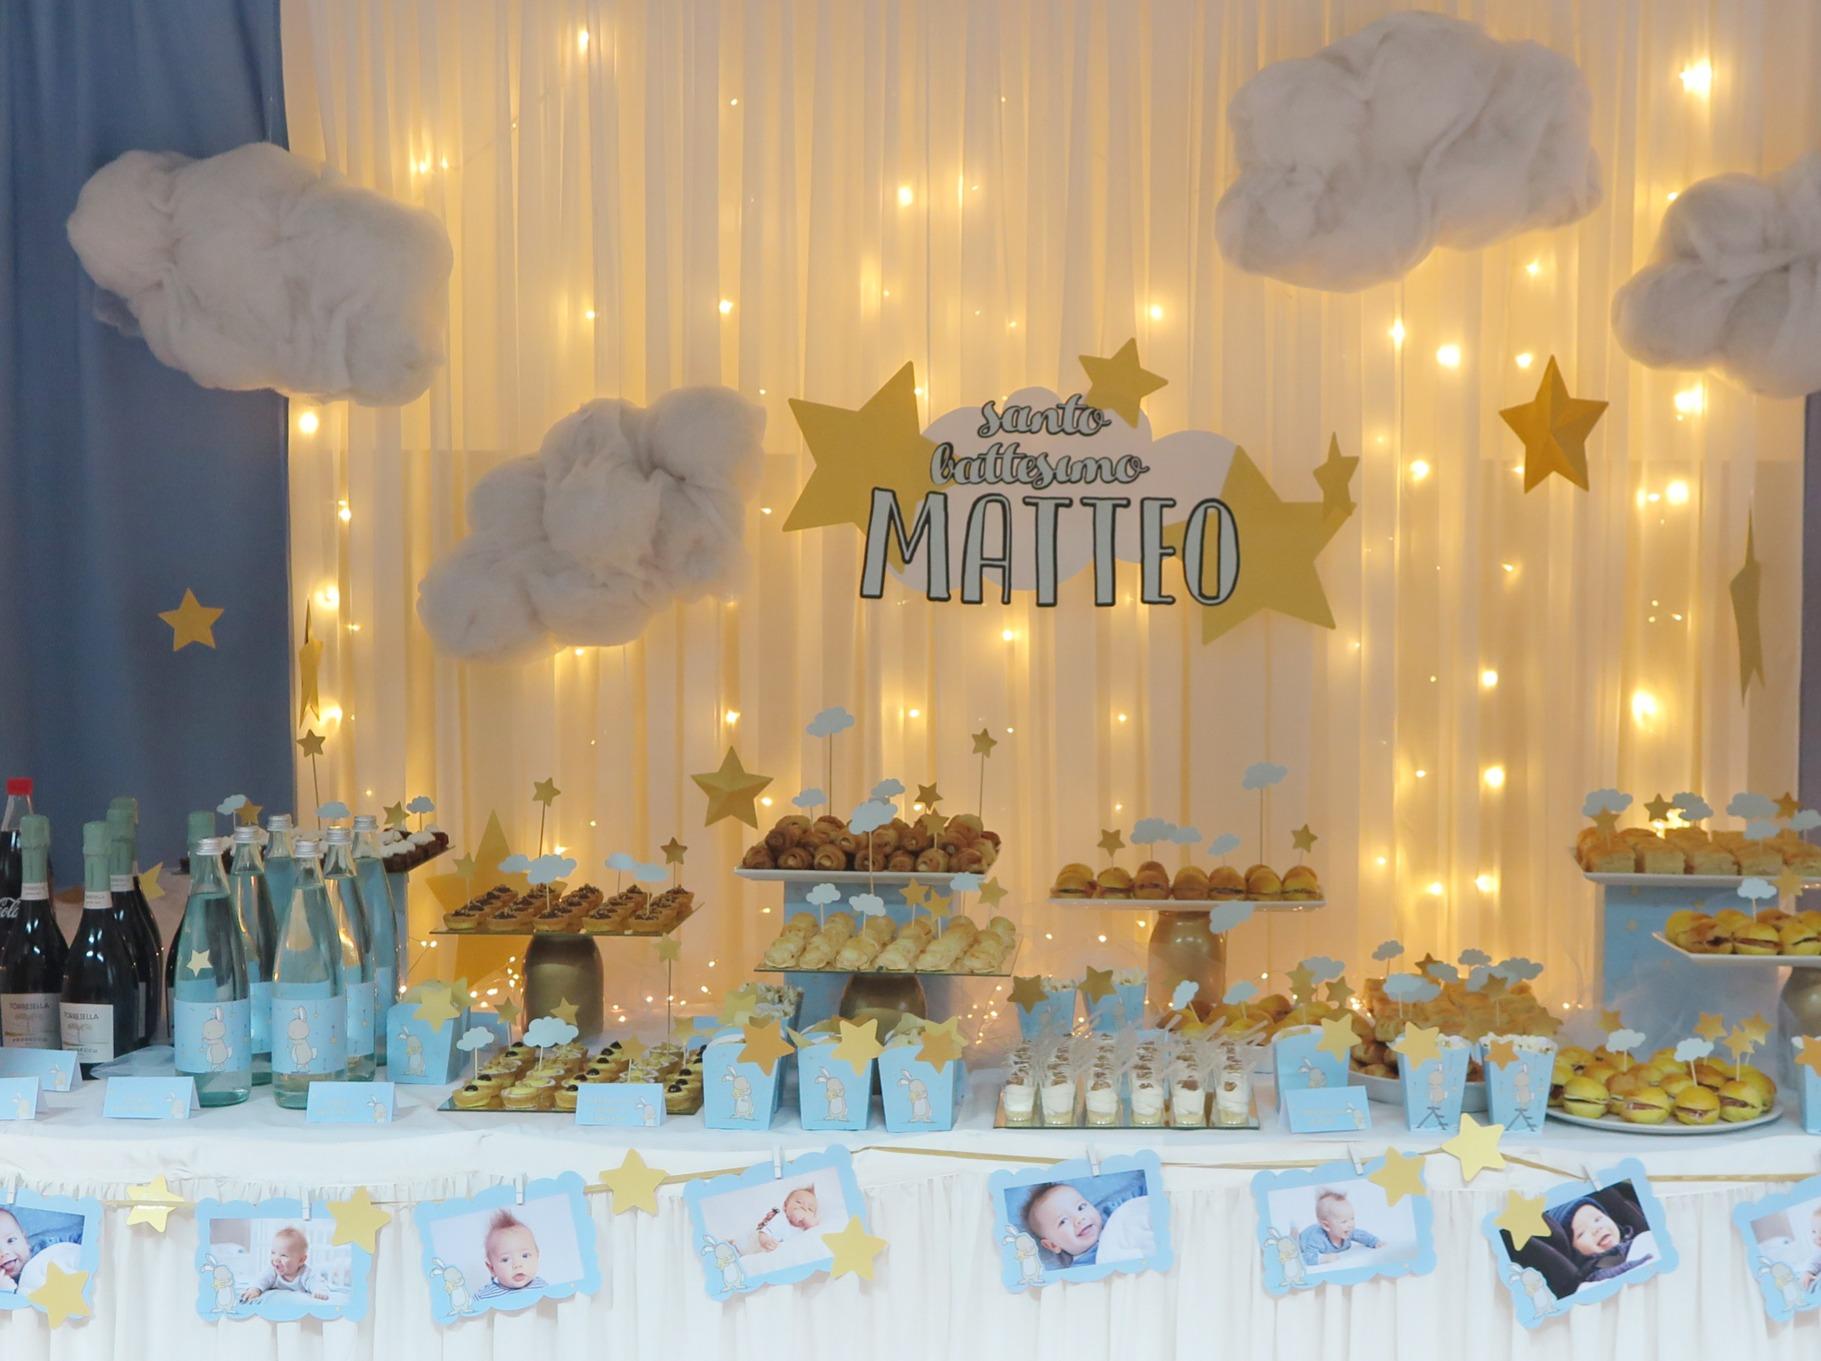 Battesimo Matteo